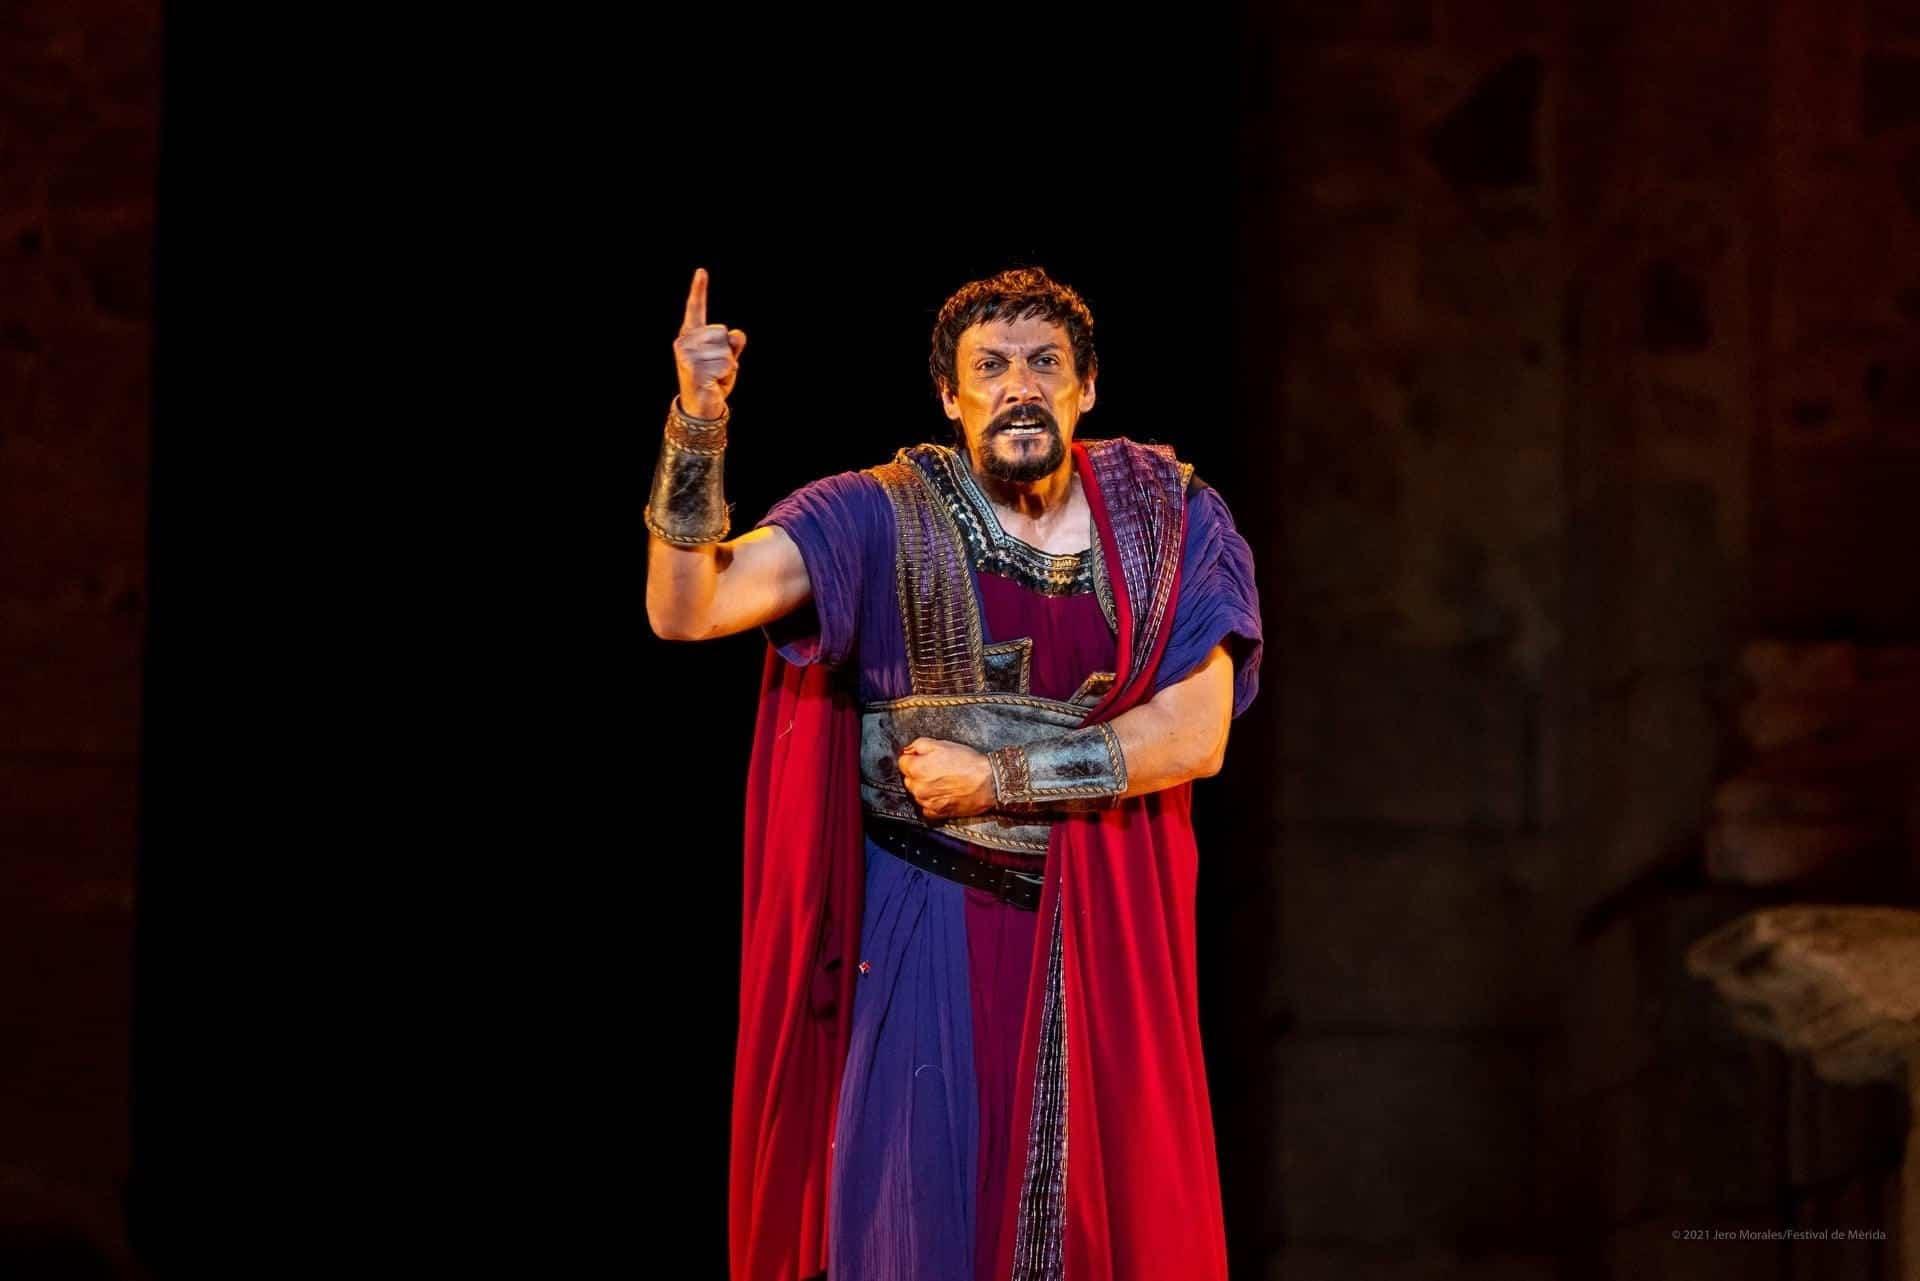 El vestuario de Rafael Garrigós, vuelve a brillar sobre el teatro romano de Mérida 29